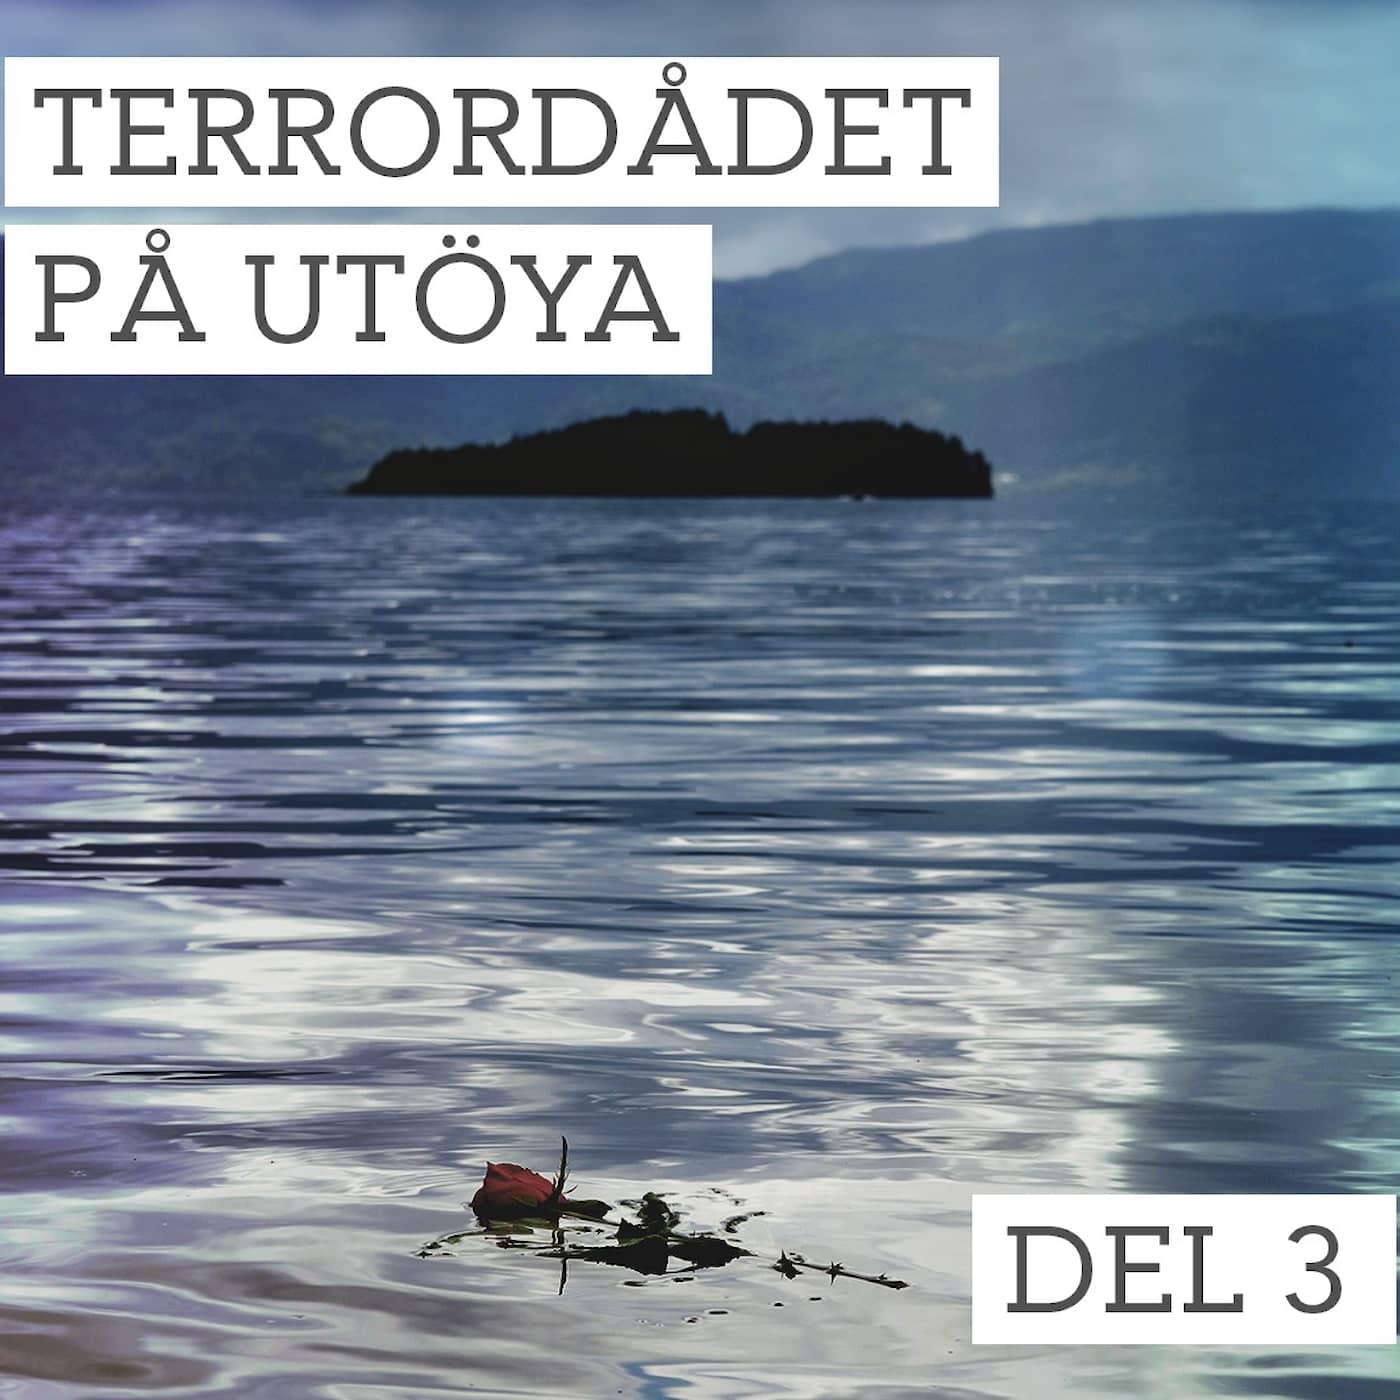 Del 3/3. Terrordådet på Utöya - Mardrömmen fortsätter